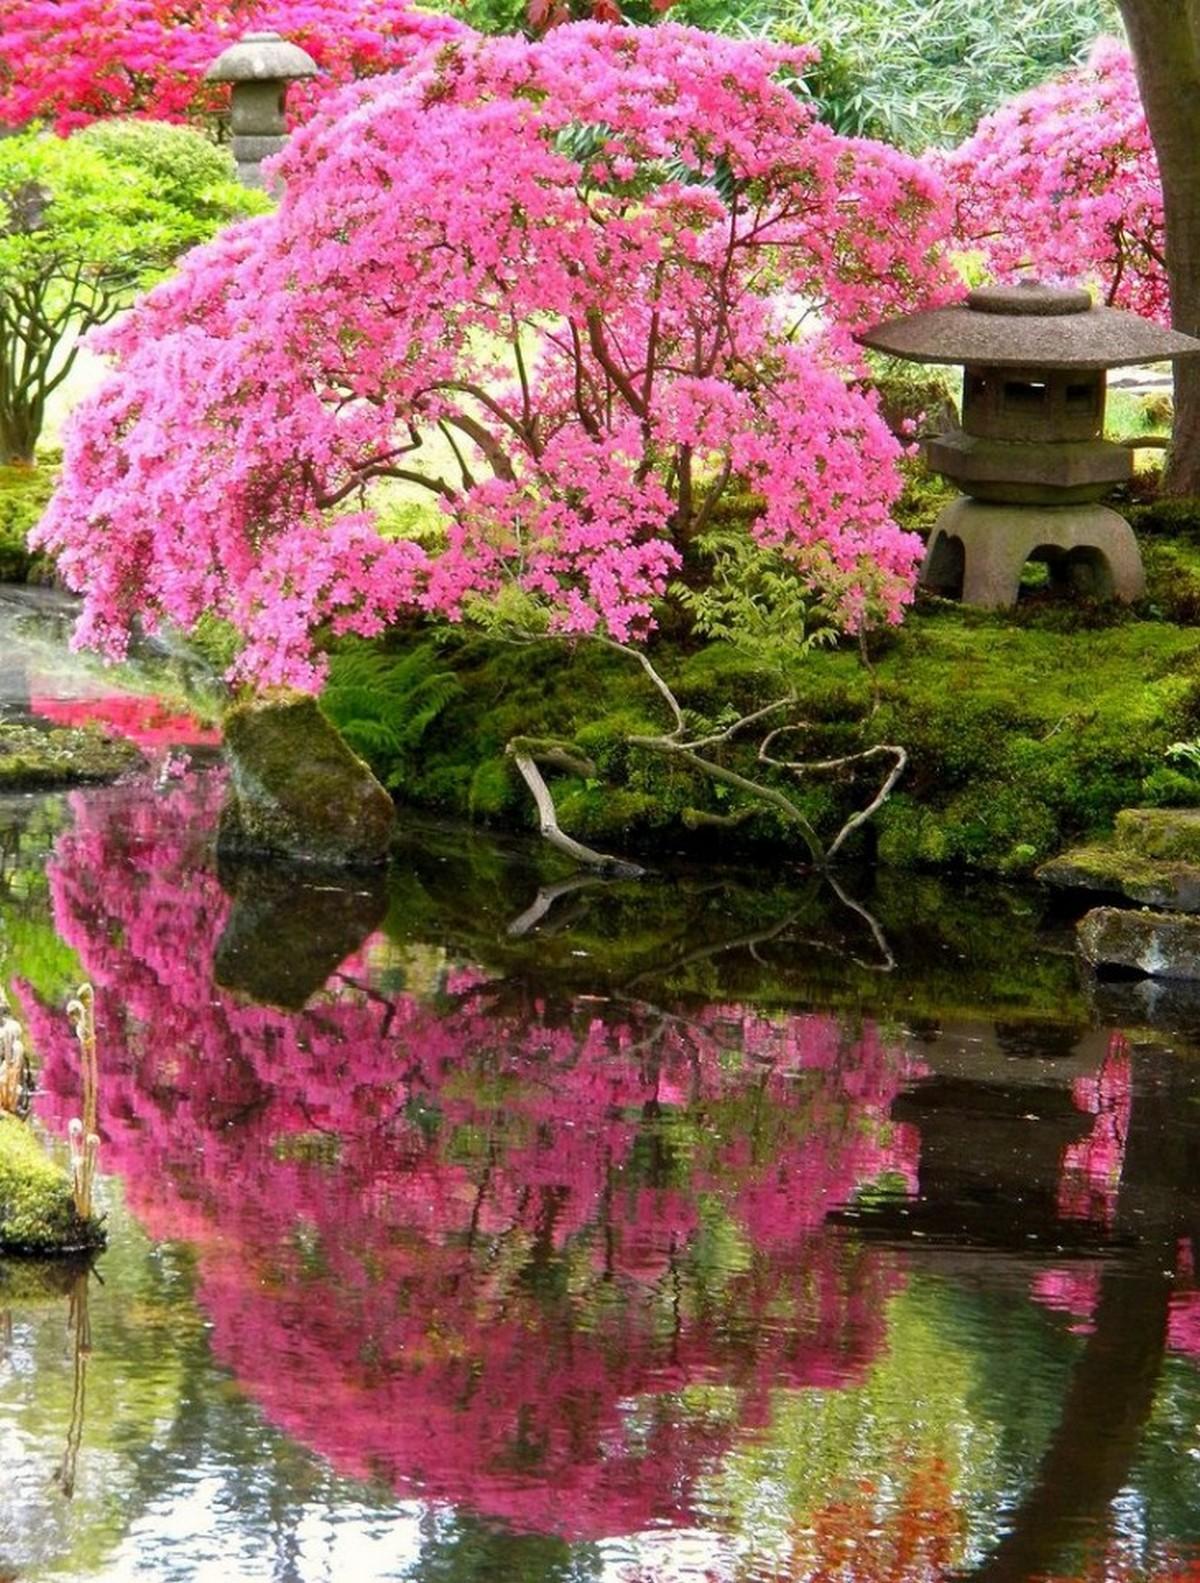 ландшафтный дизайн садового участка с сакурой